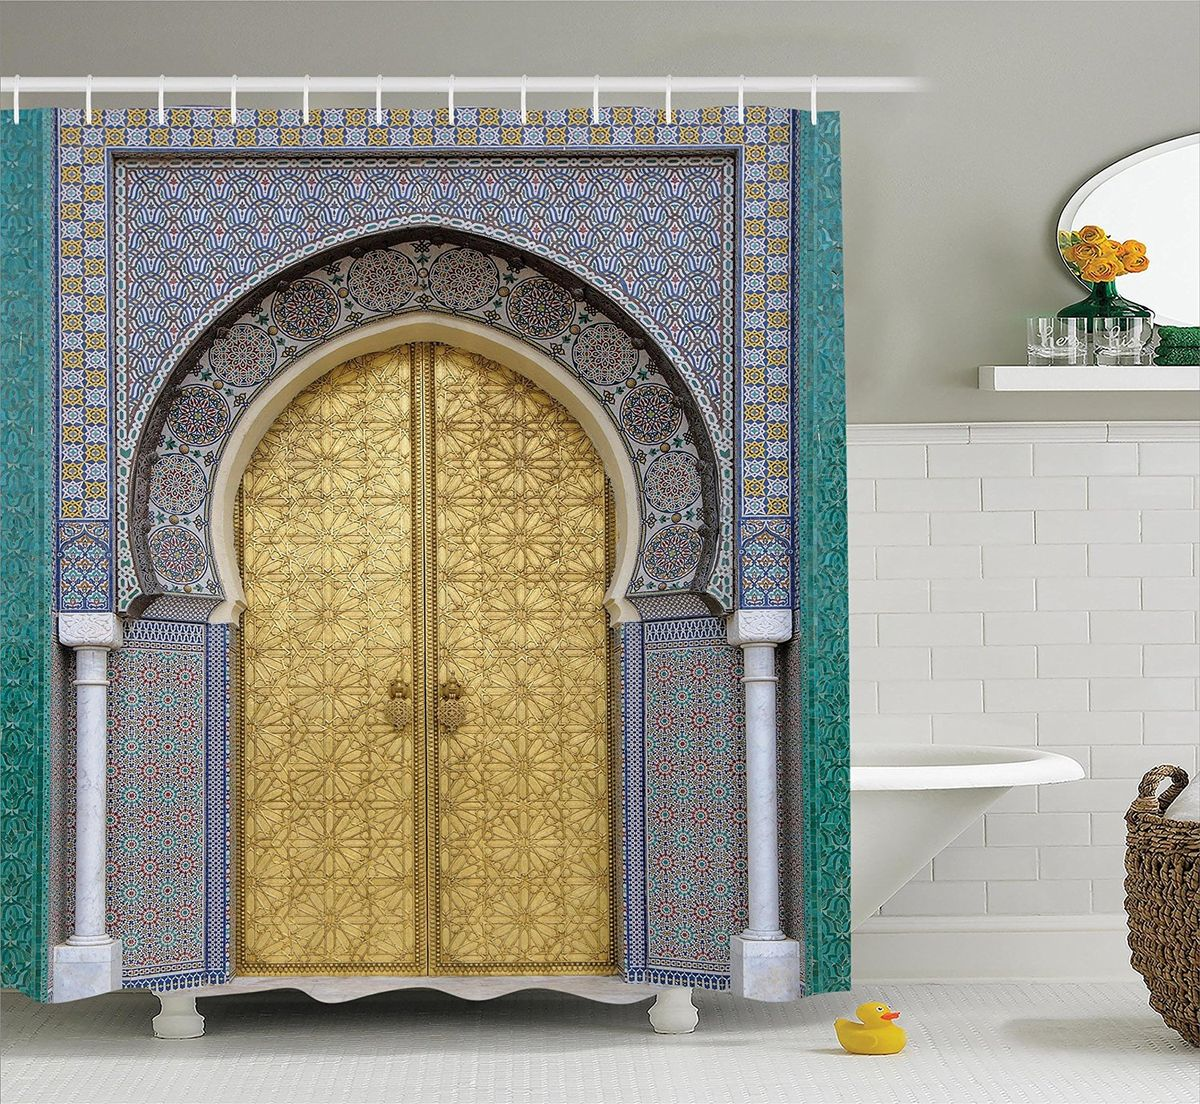 Штора для ванной комнаты Magic Lady Дверь с арабскими узорами, 180 х 200 смшв_11030Штора Magic Lady Дверь с арабскими узорами, изготовленная из высококачественного сатена (полиэстер 100%), отлично дополнит любой интерьер ванной комнаты. При изготовлении используются специальные гипоаллергенные чернила для прямой печати по ткани, безопасные для человека.В комплекте: 1 штора, 12 крючков. Обращаем ваше внимание, фактический цвет изделия может незначительно отличаться от представленного на фото.